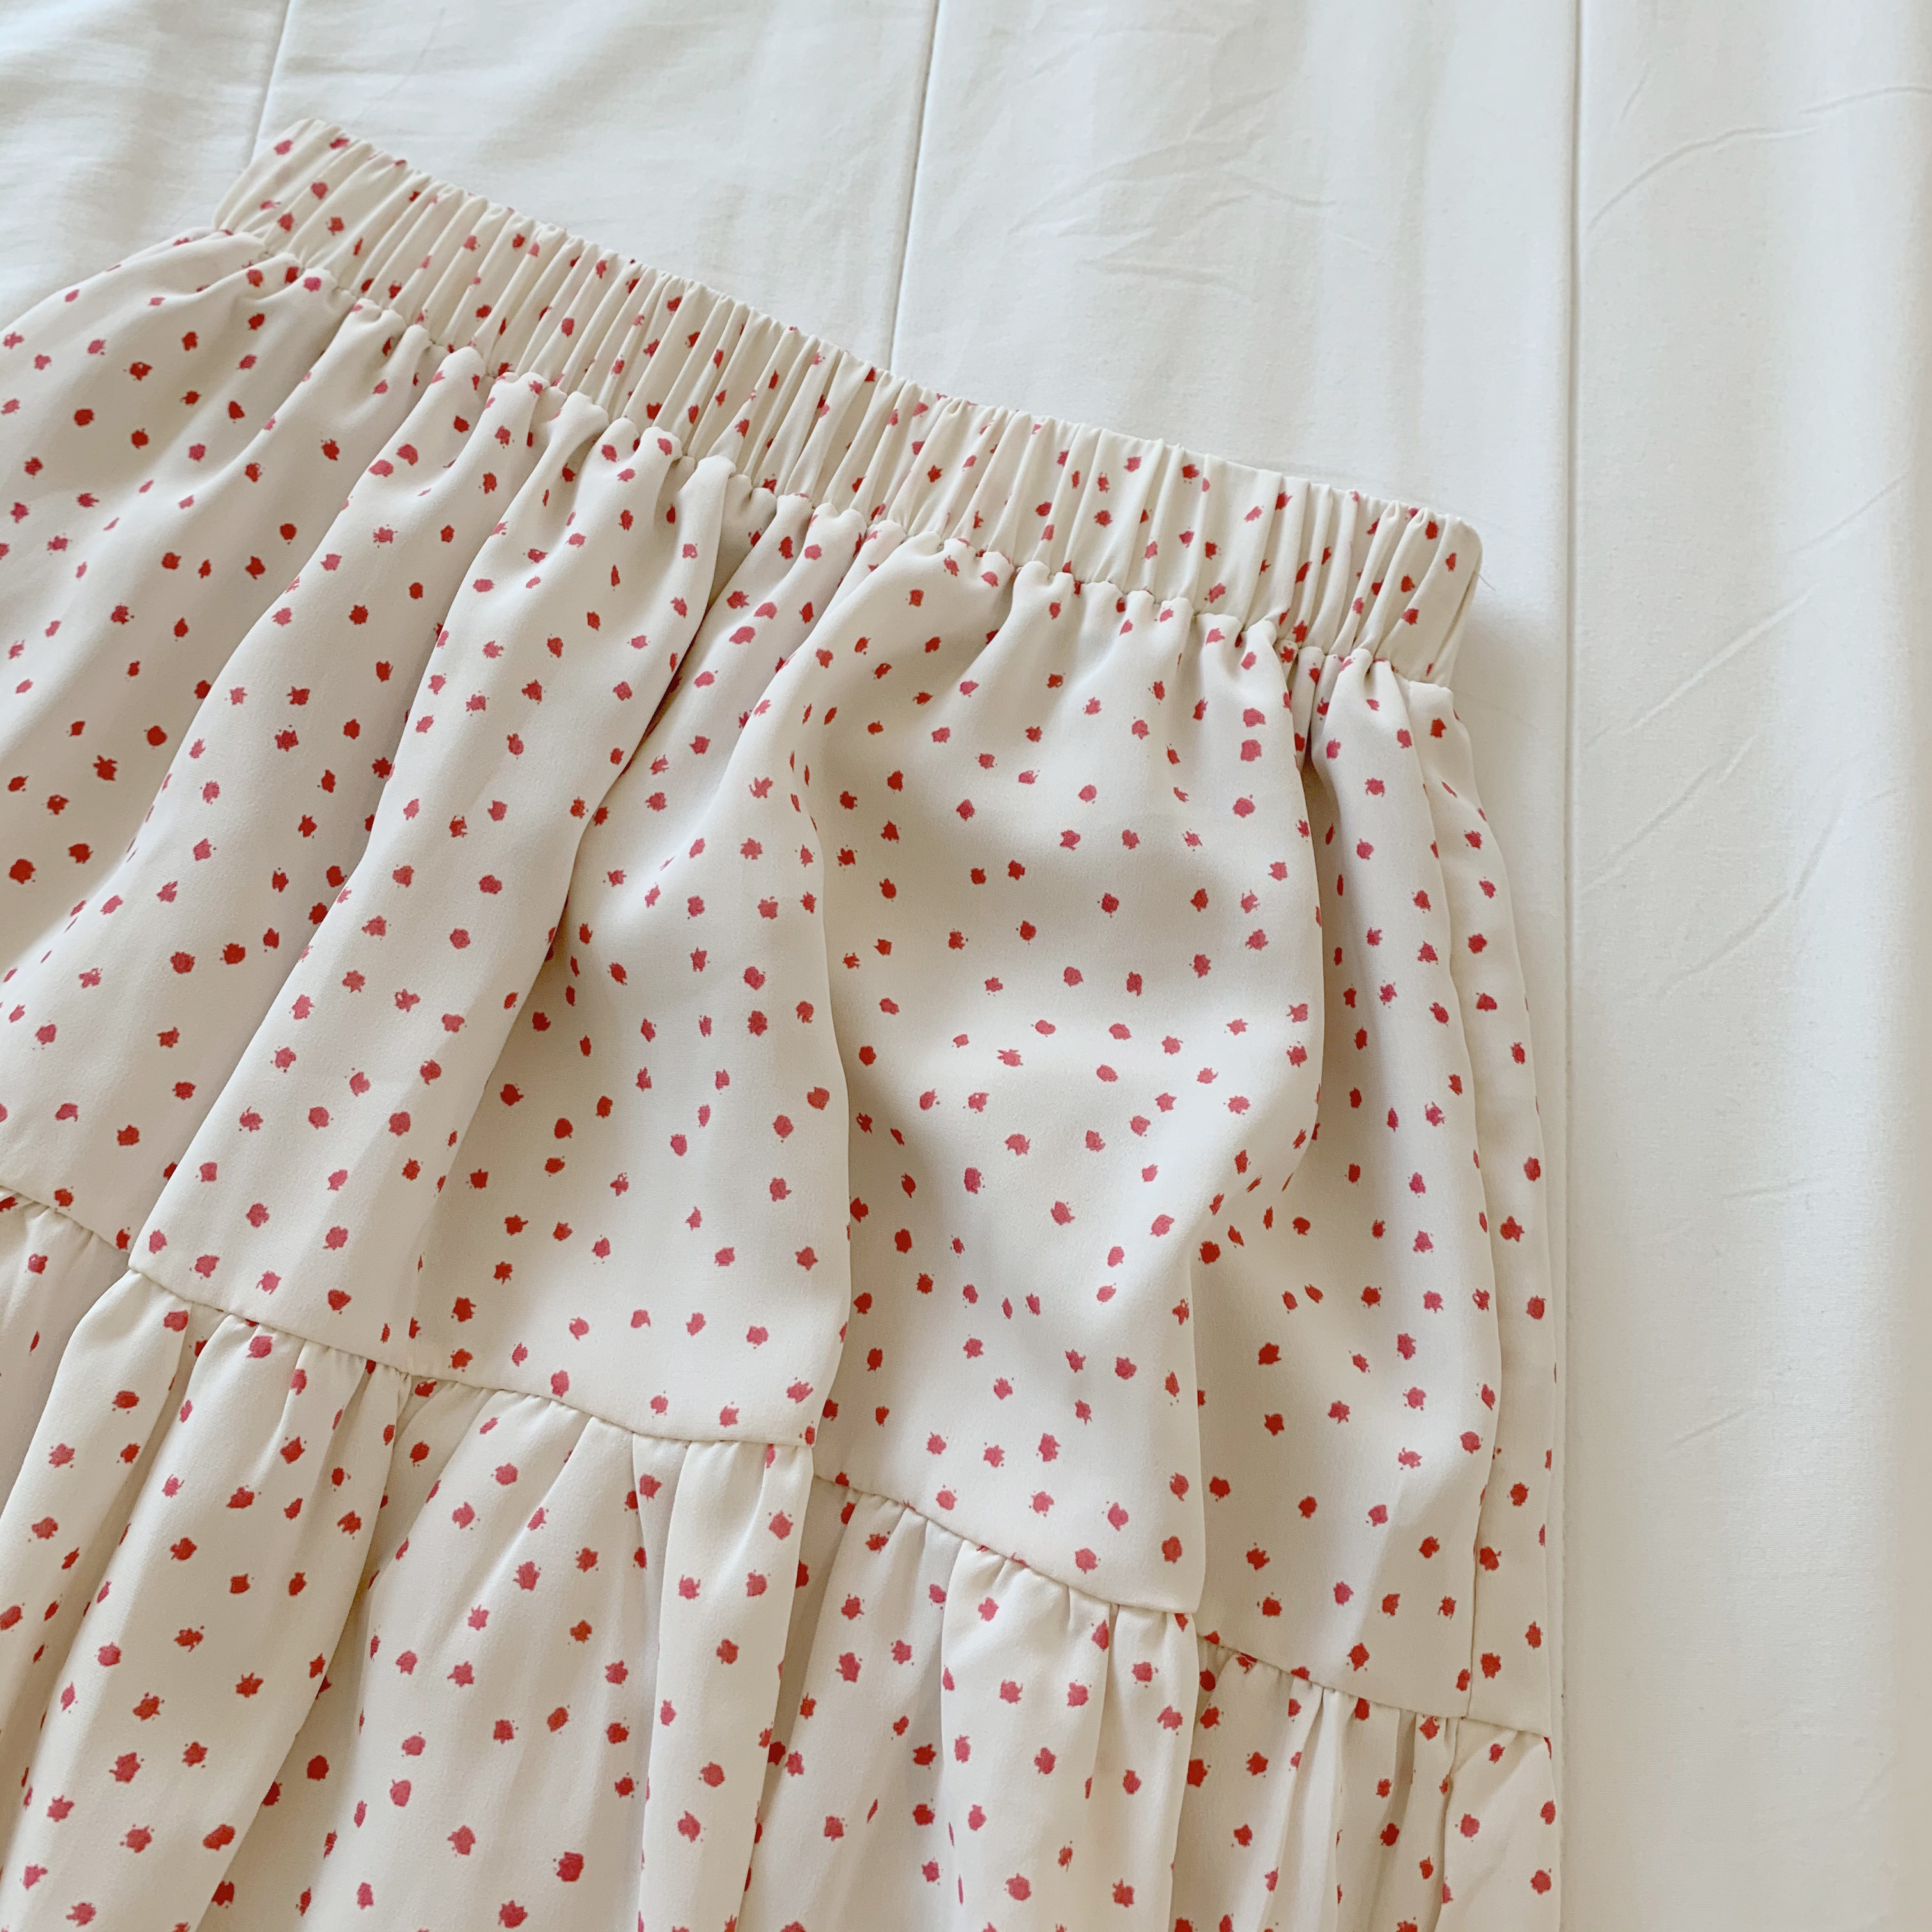 〈カフェシリーズ〉いちごミルクティアードスカート 【strawberry milk tiered skirt】